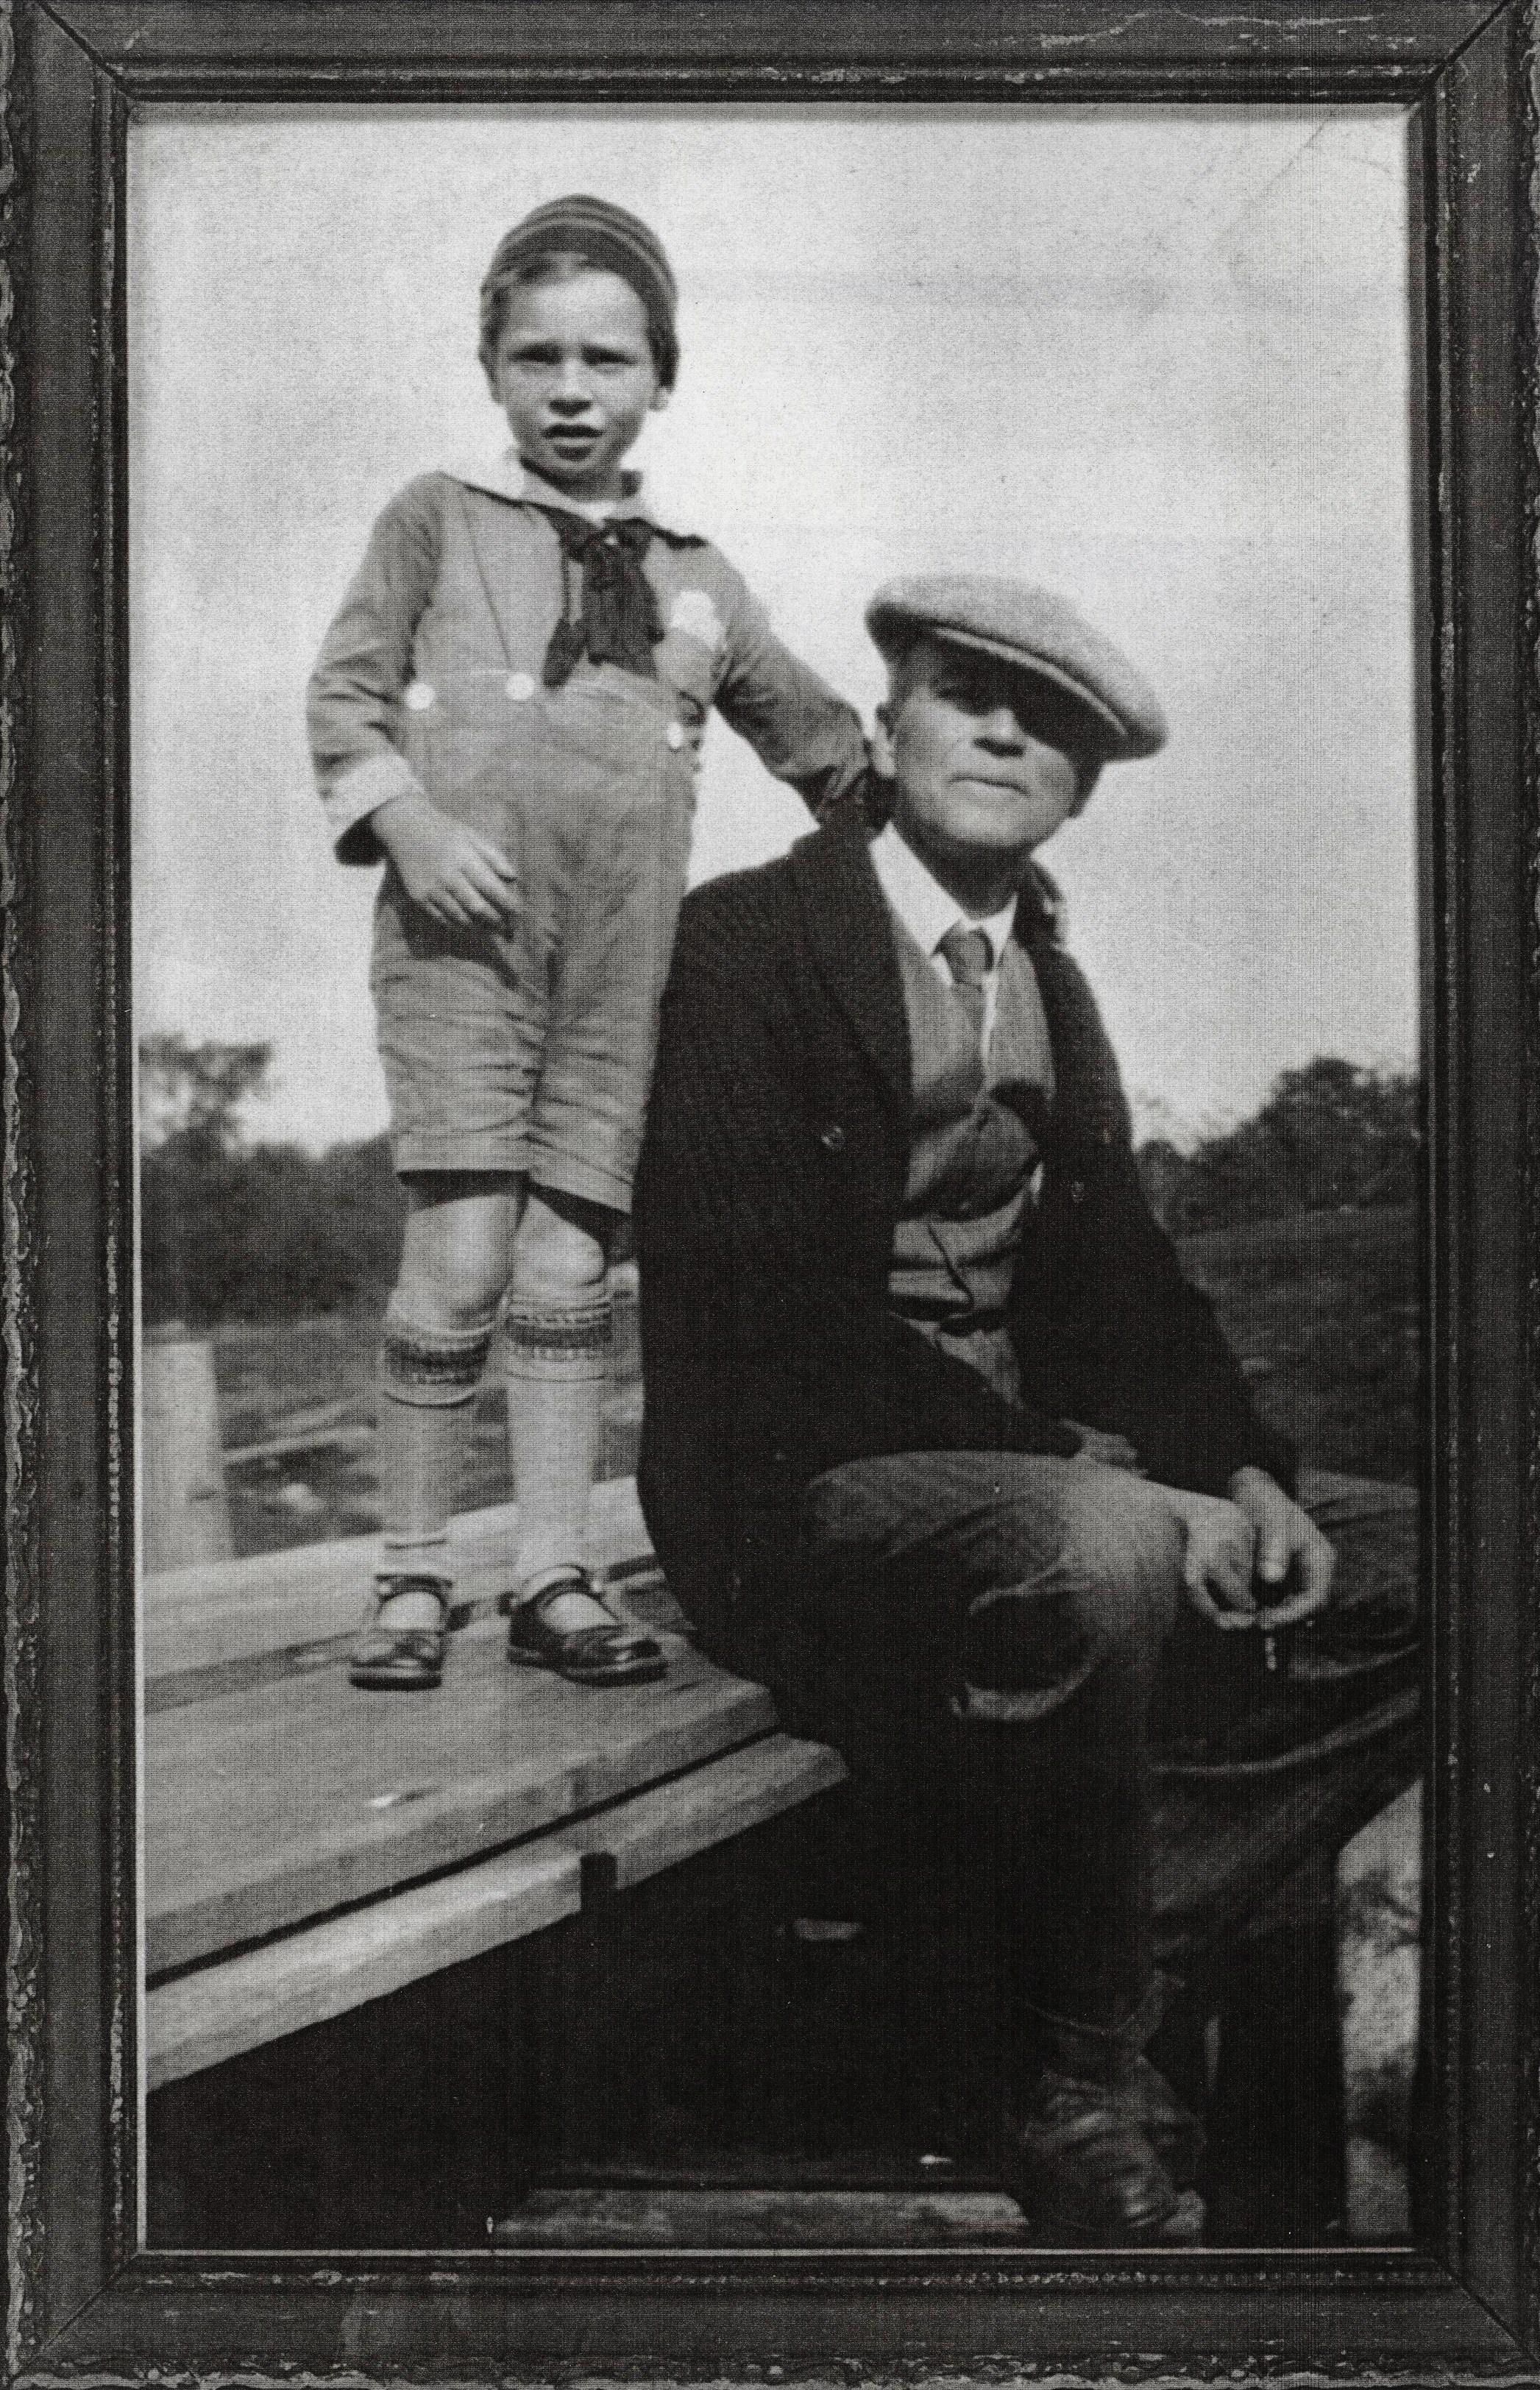 F.N. Marett & Jim 1929 Frank Newton Marett1877 - 1936